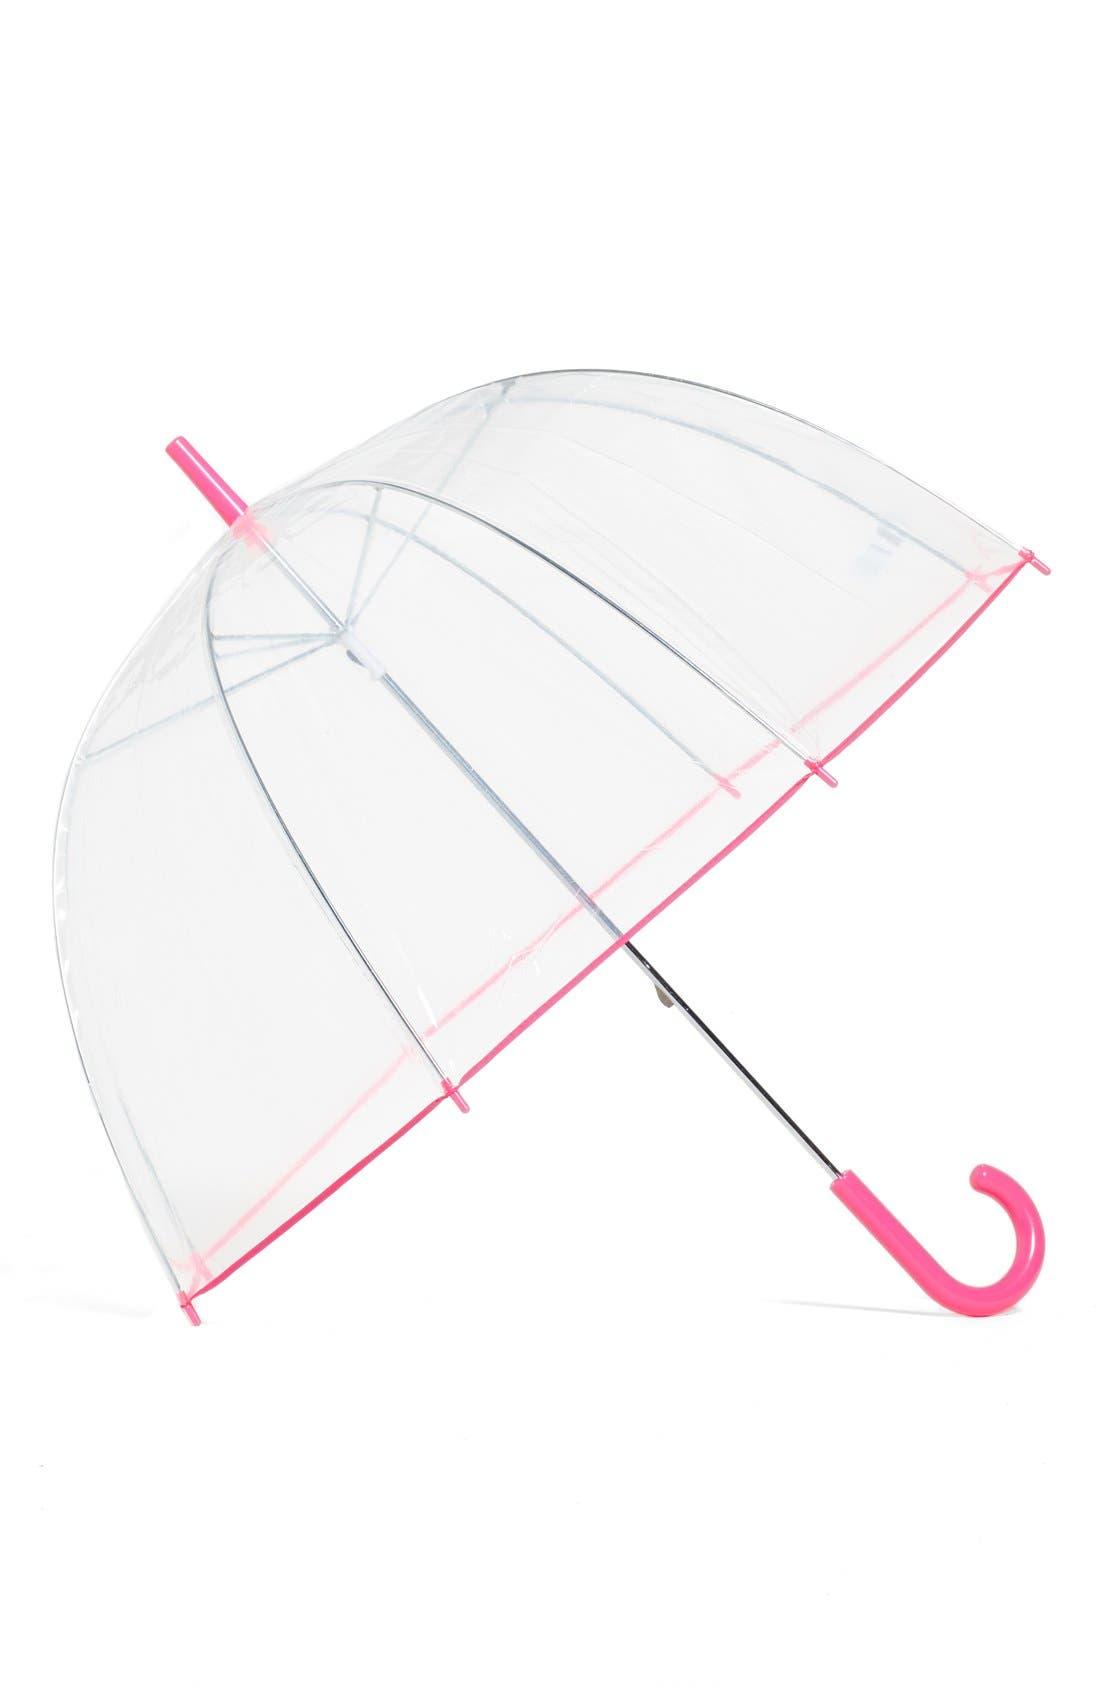 Main Image - Capelli of New York Dome Umbrella